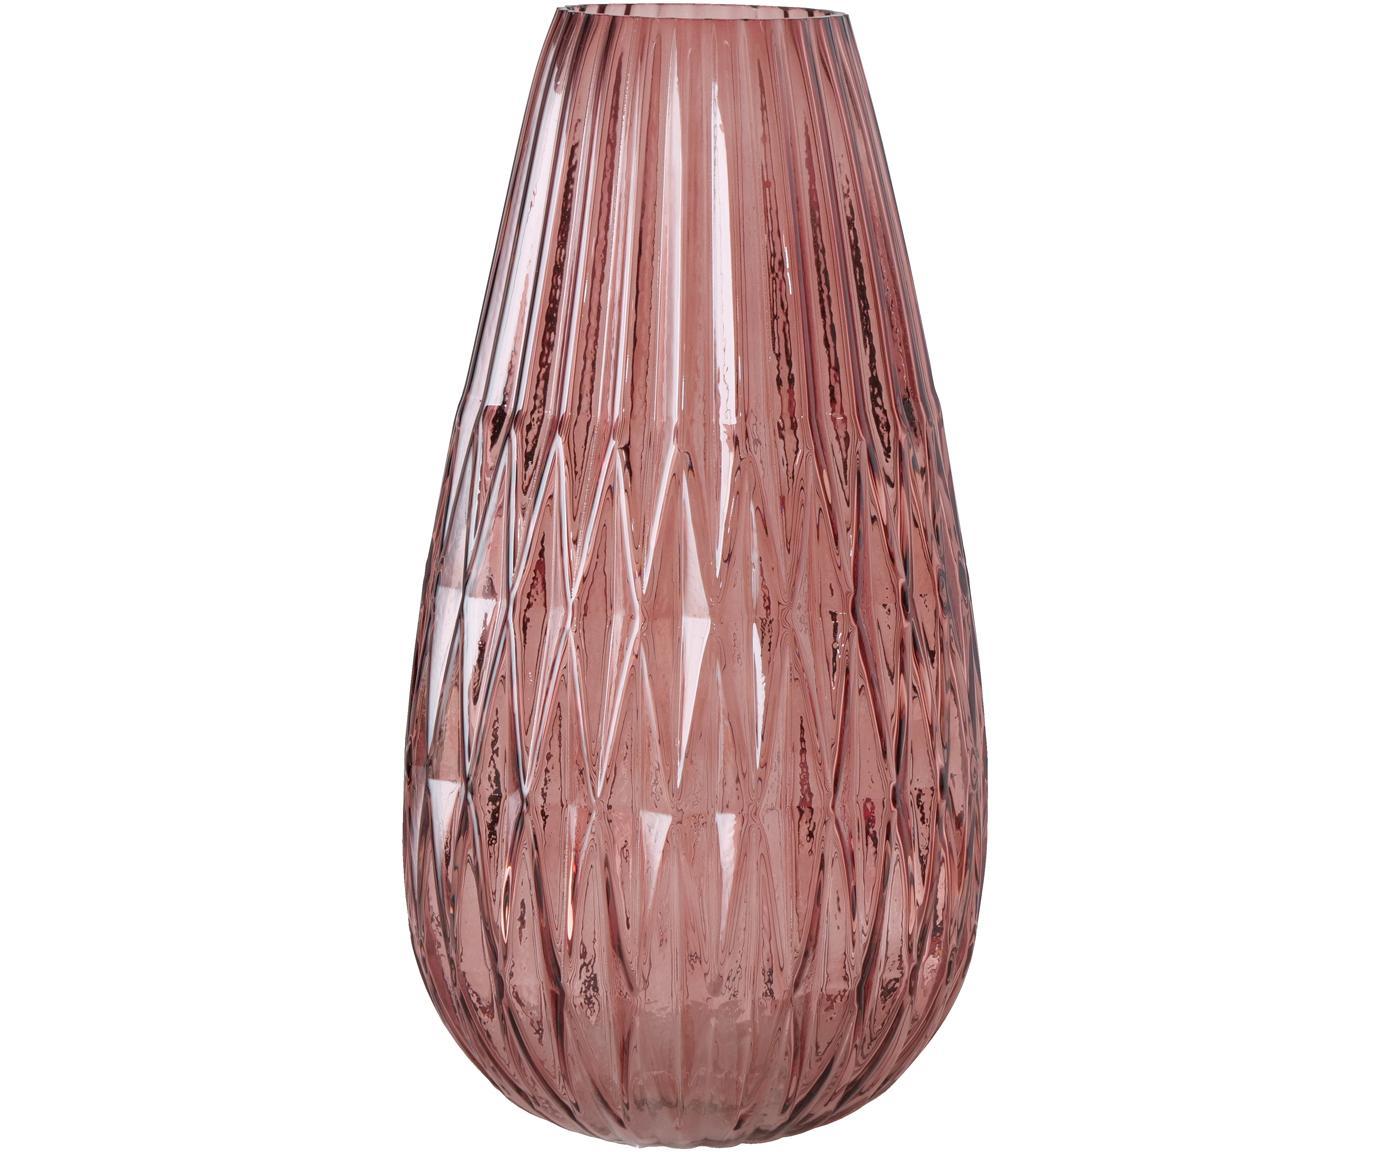 Jarrón grande de vidrio Rubina, Vidrio, Rosa, Ø 20 x Al 36 cm